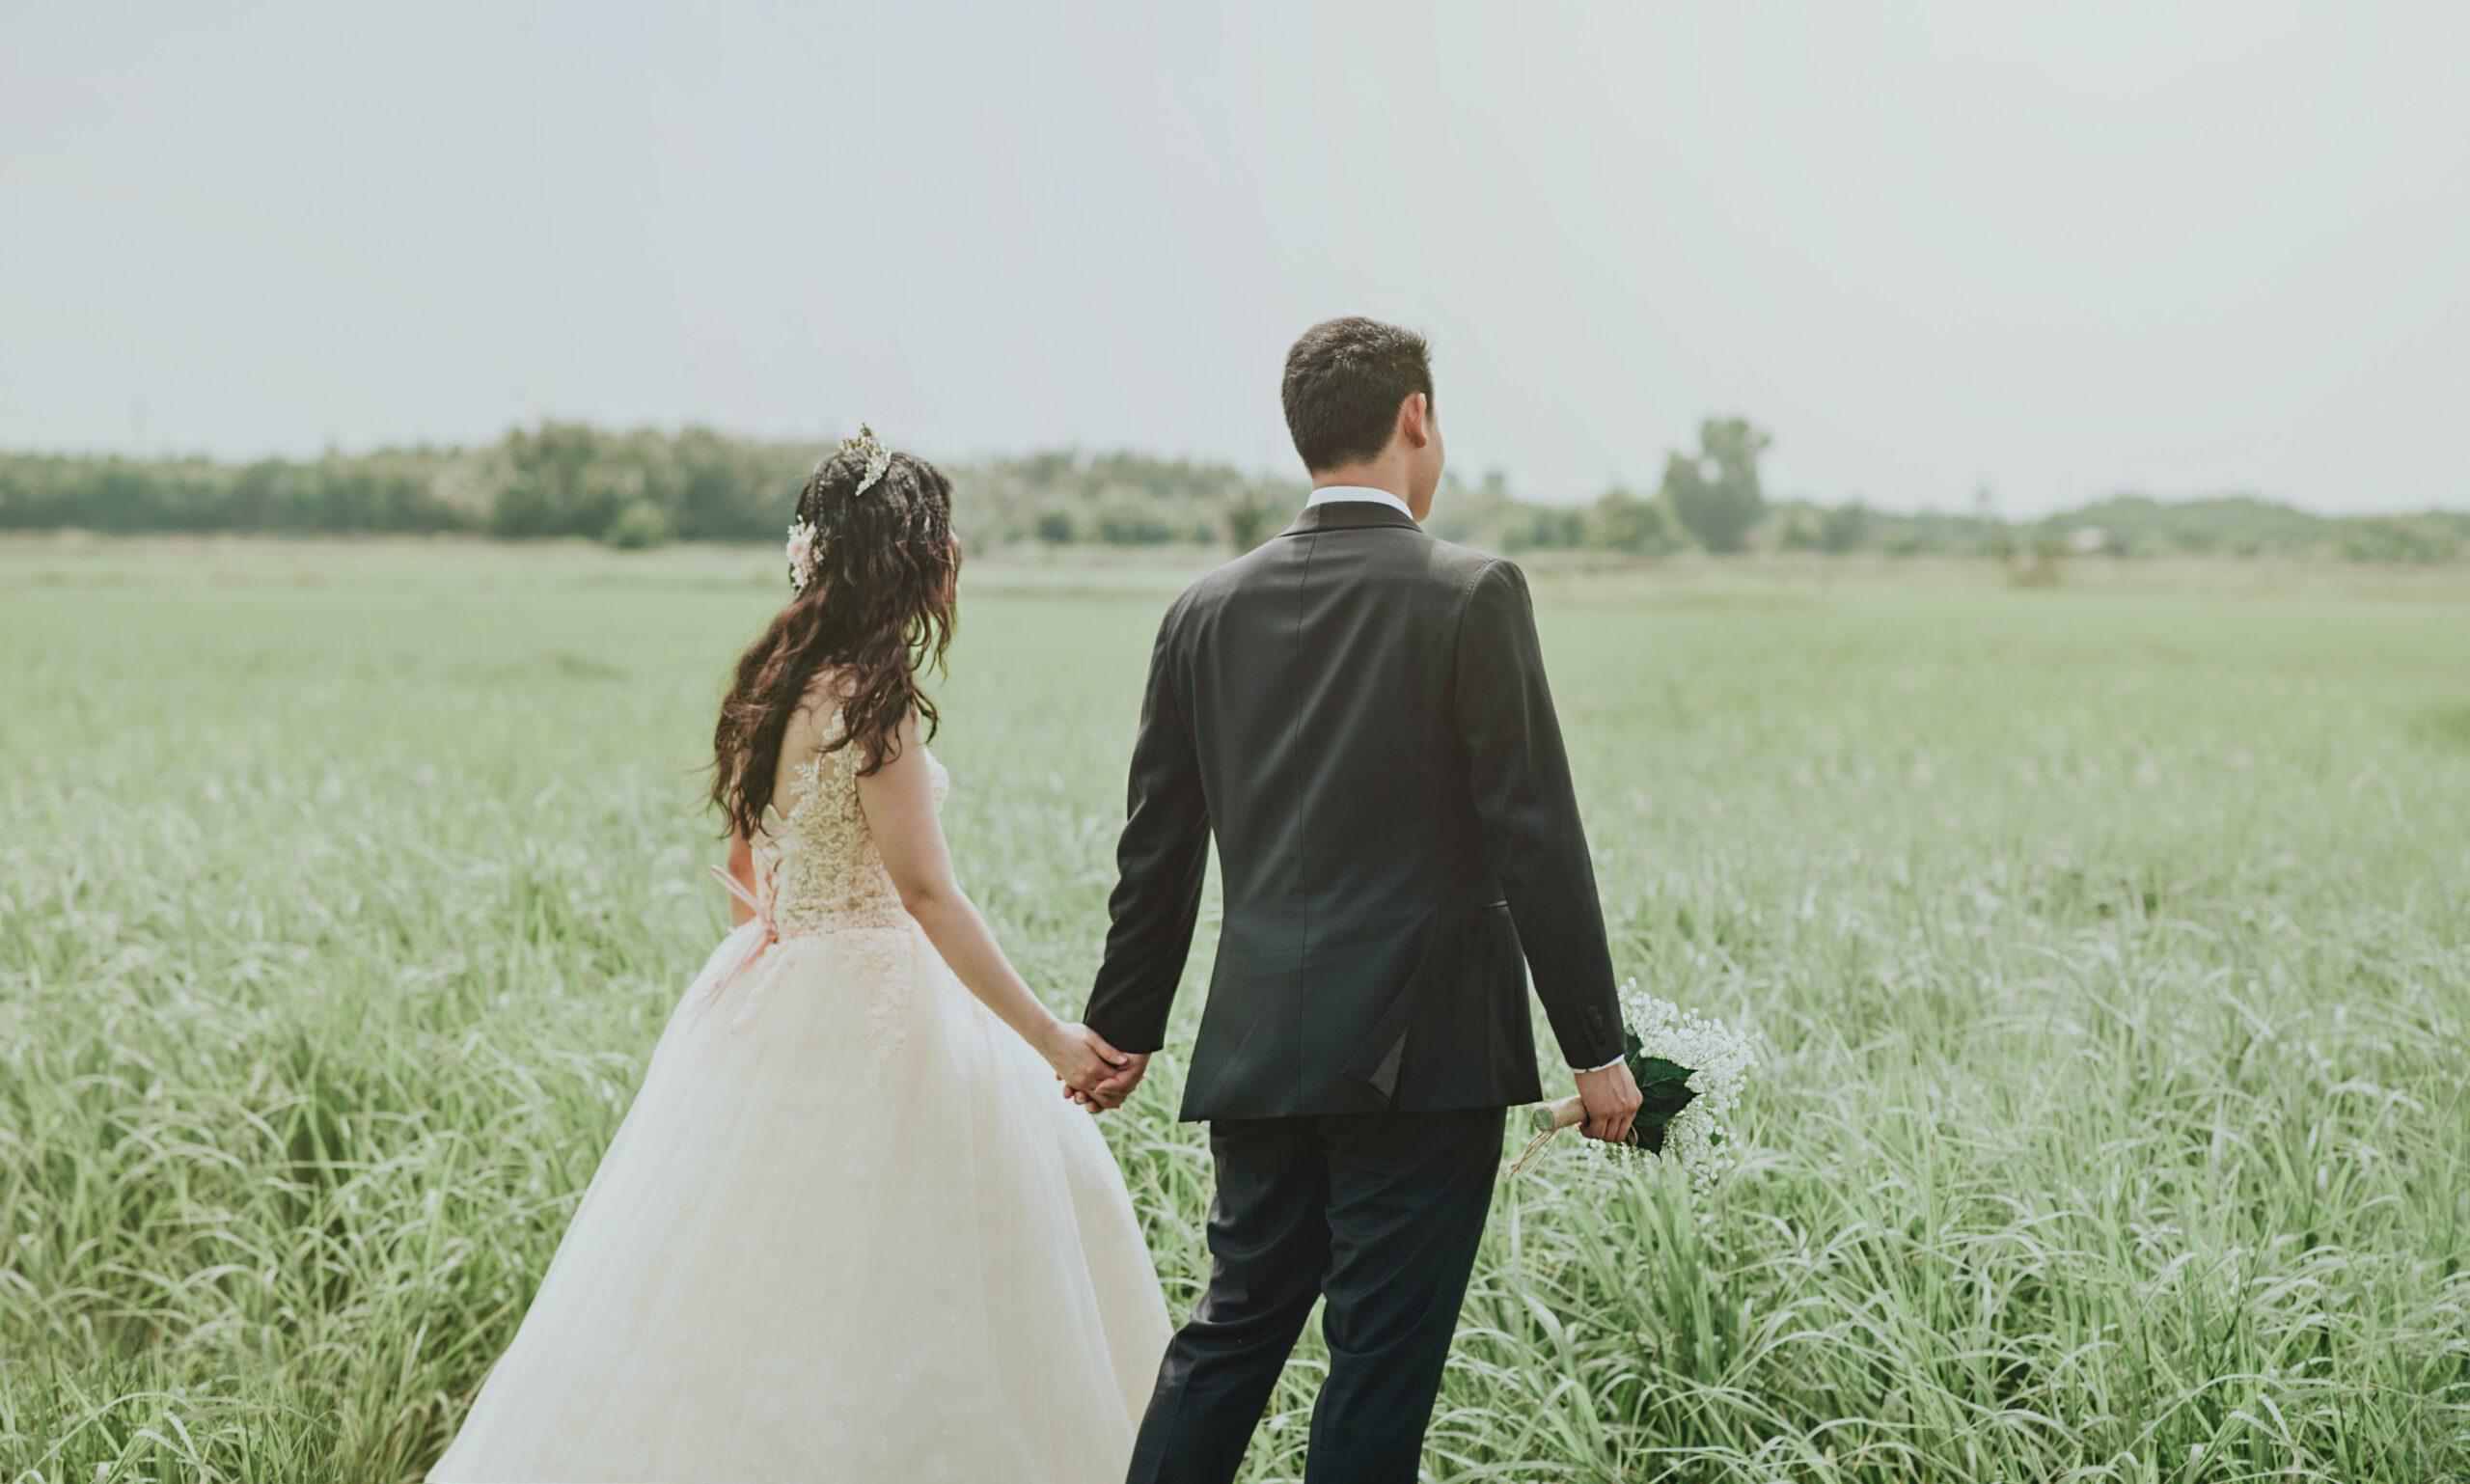 Dé tips voor het trouwjurk shoppen